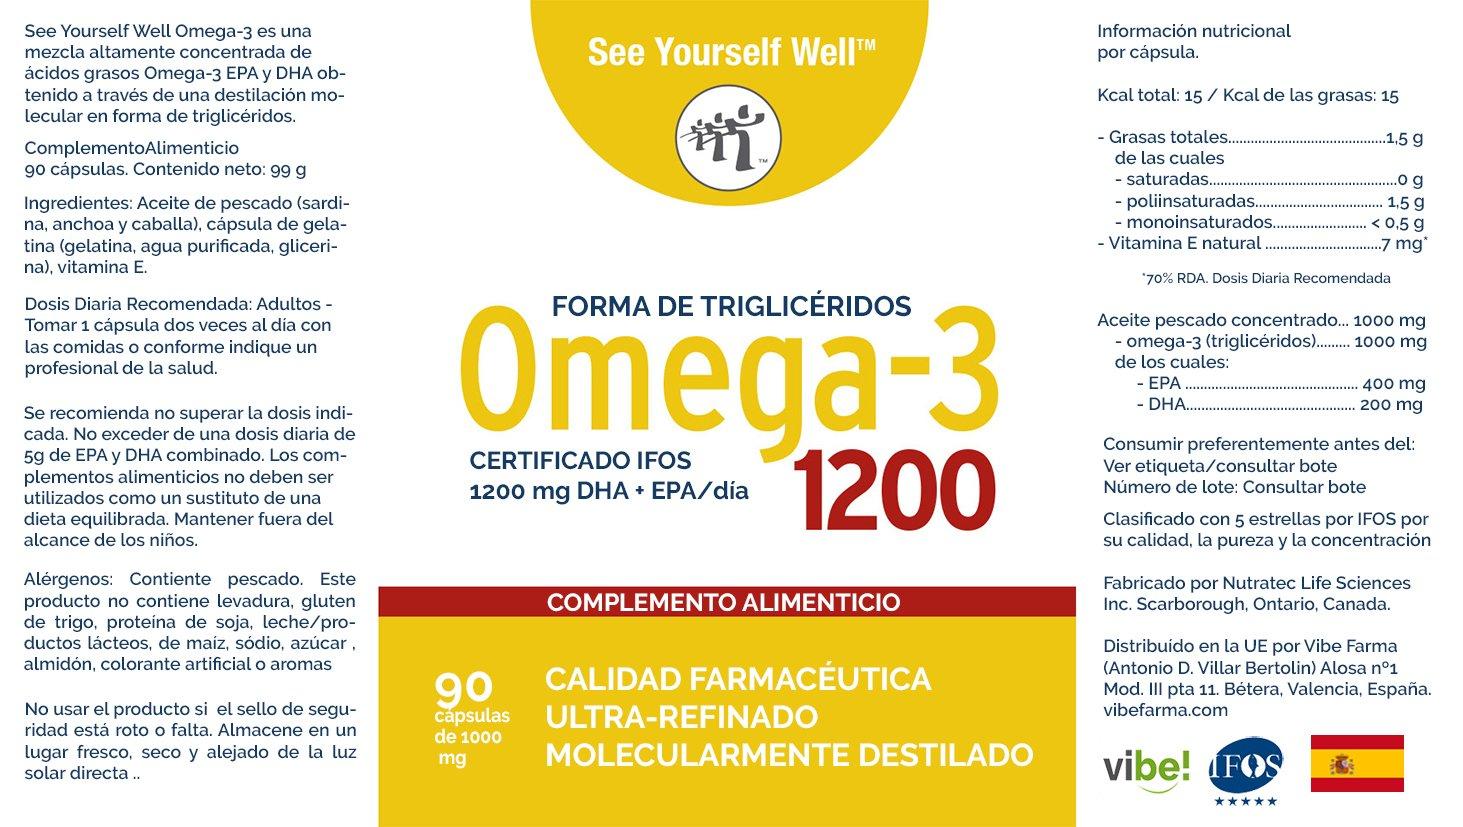 Omega 3 SYW. (90 Cápsulas de 1000 mg). Certificado IFOS. Forma Triglicérido. Altamente concentrado: 400 mg de EPA y 200 mg de DHA.